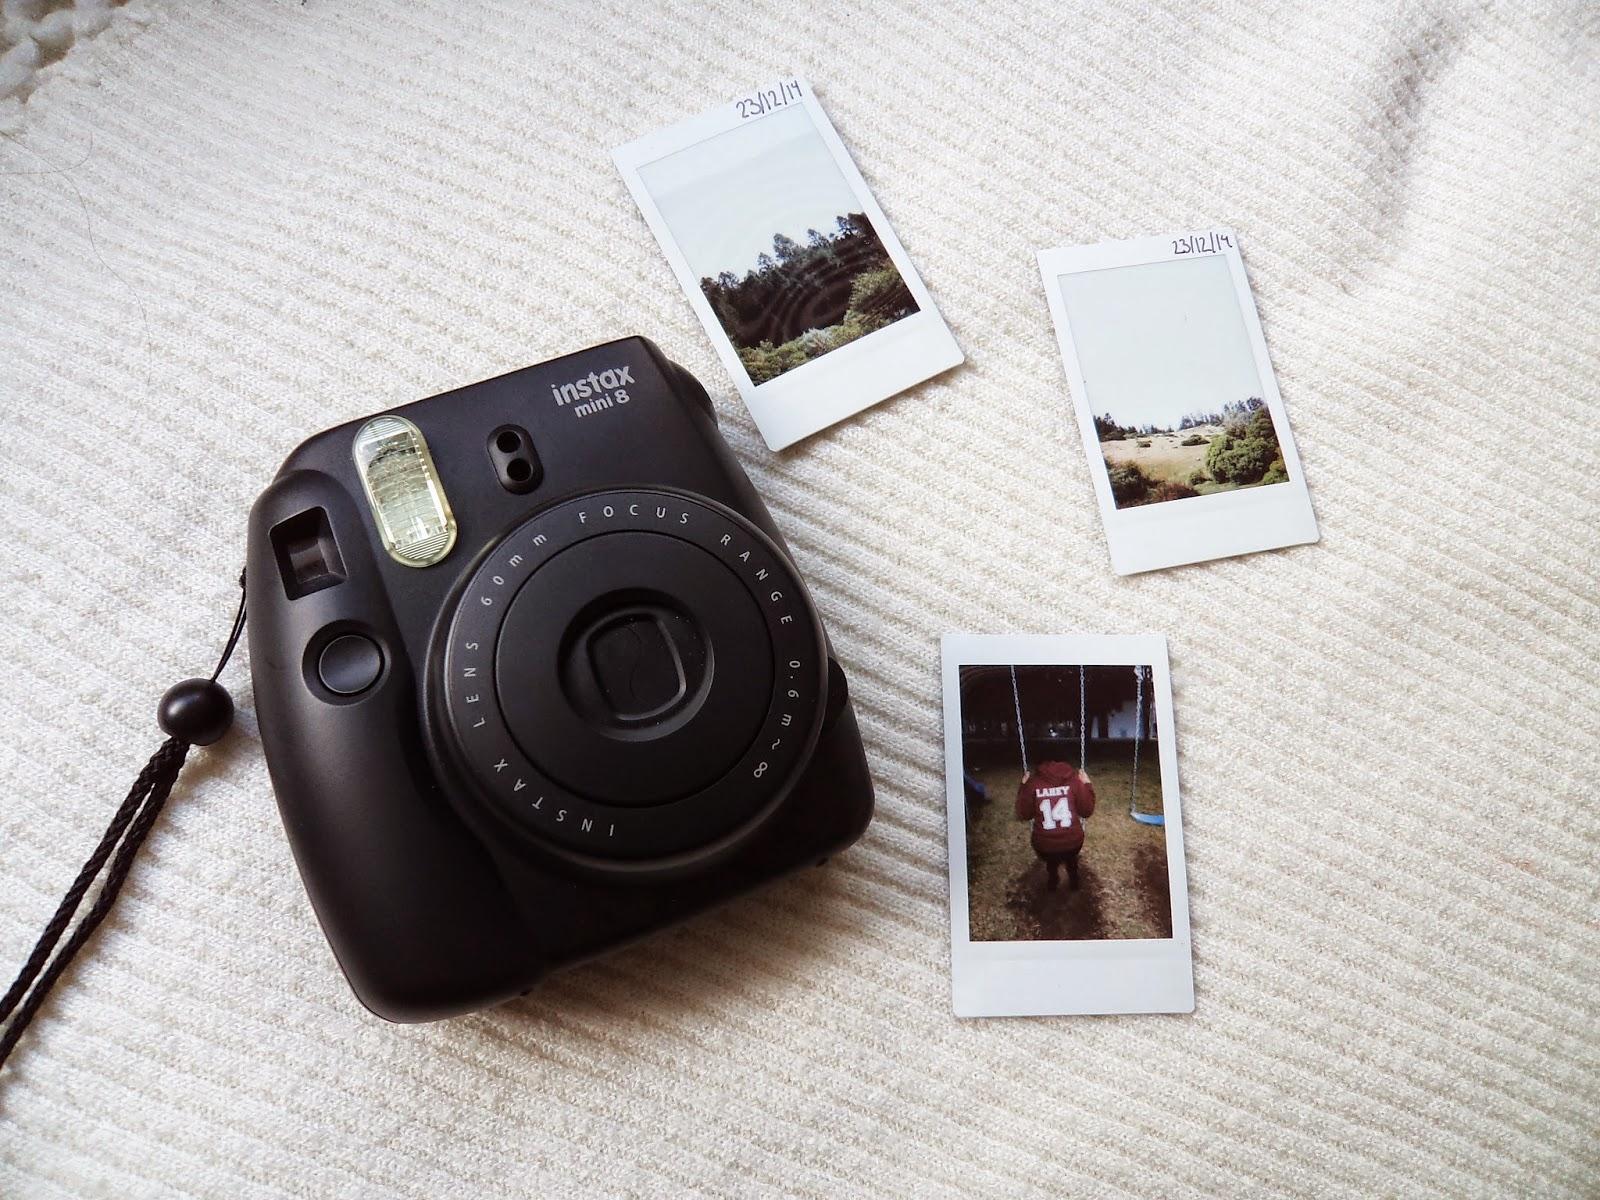 Webcam Toy - Haz fotos con m s de 80 79